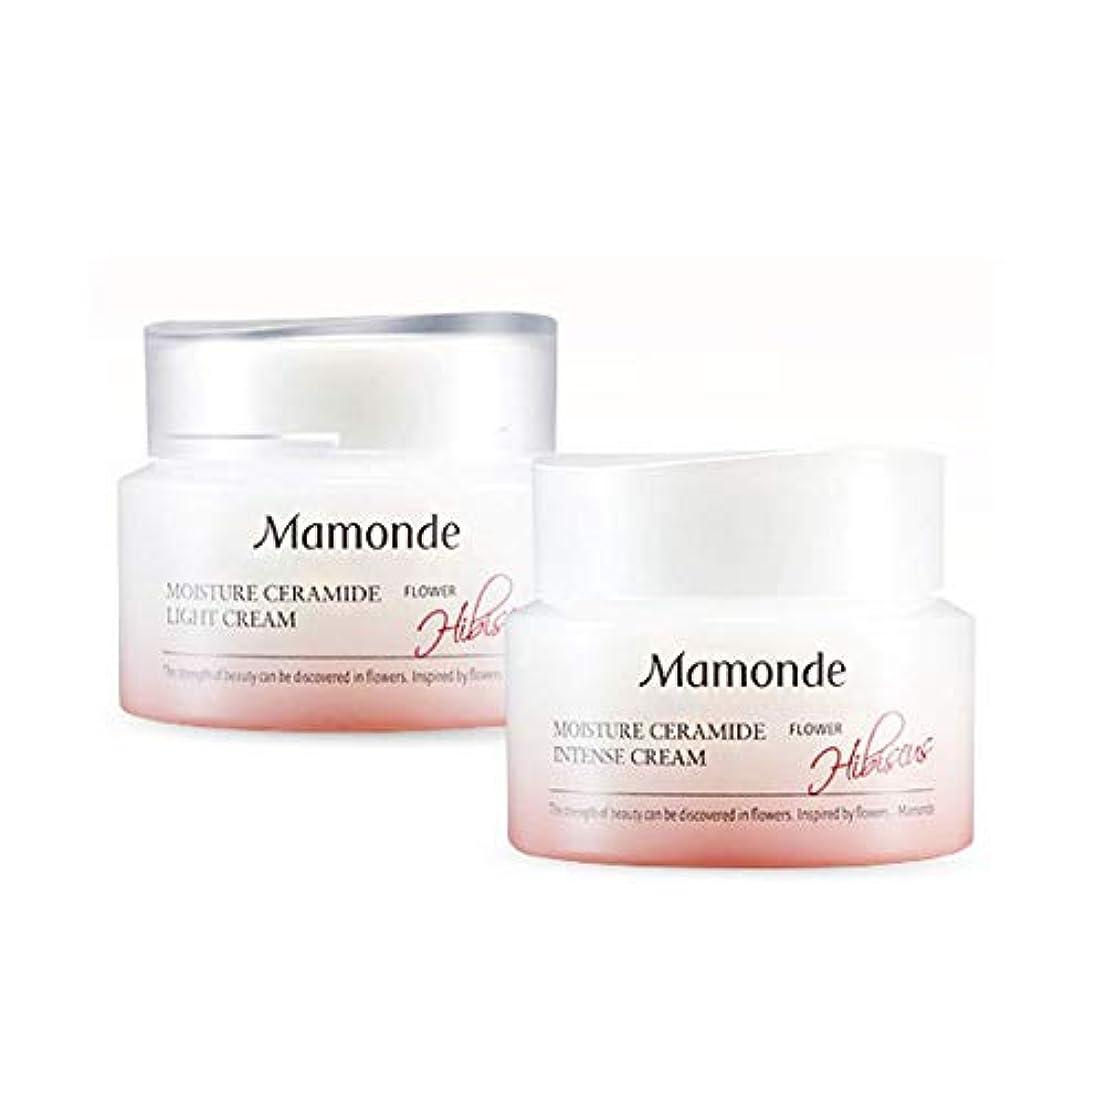 テーブル十分に観点マモンドモイスチャーセラミドインテンスクリーム50mlx2本セット韓国コスメ、Mamonde Moisture Ceramide Intense Cream 50ml x 2ea Set Korean Cosmetics...